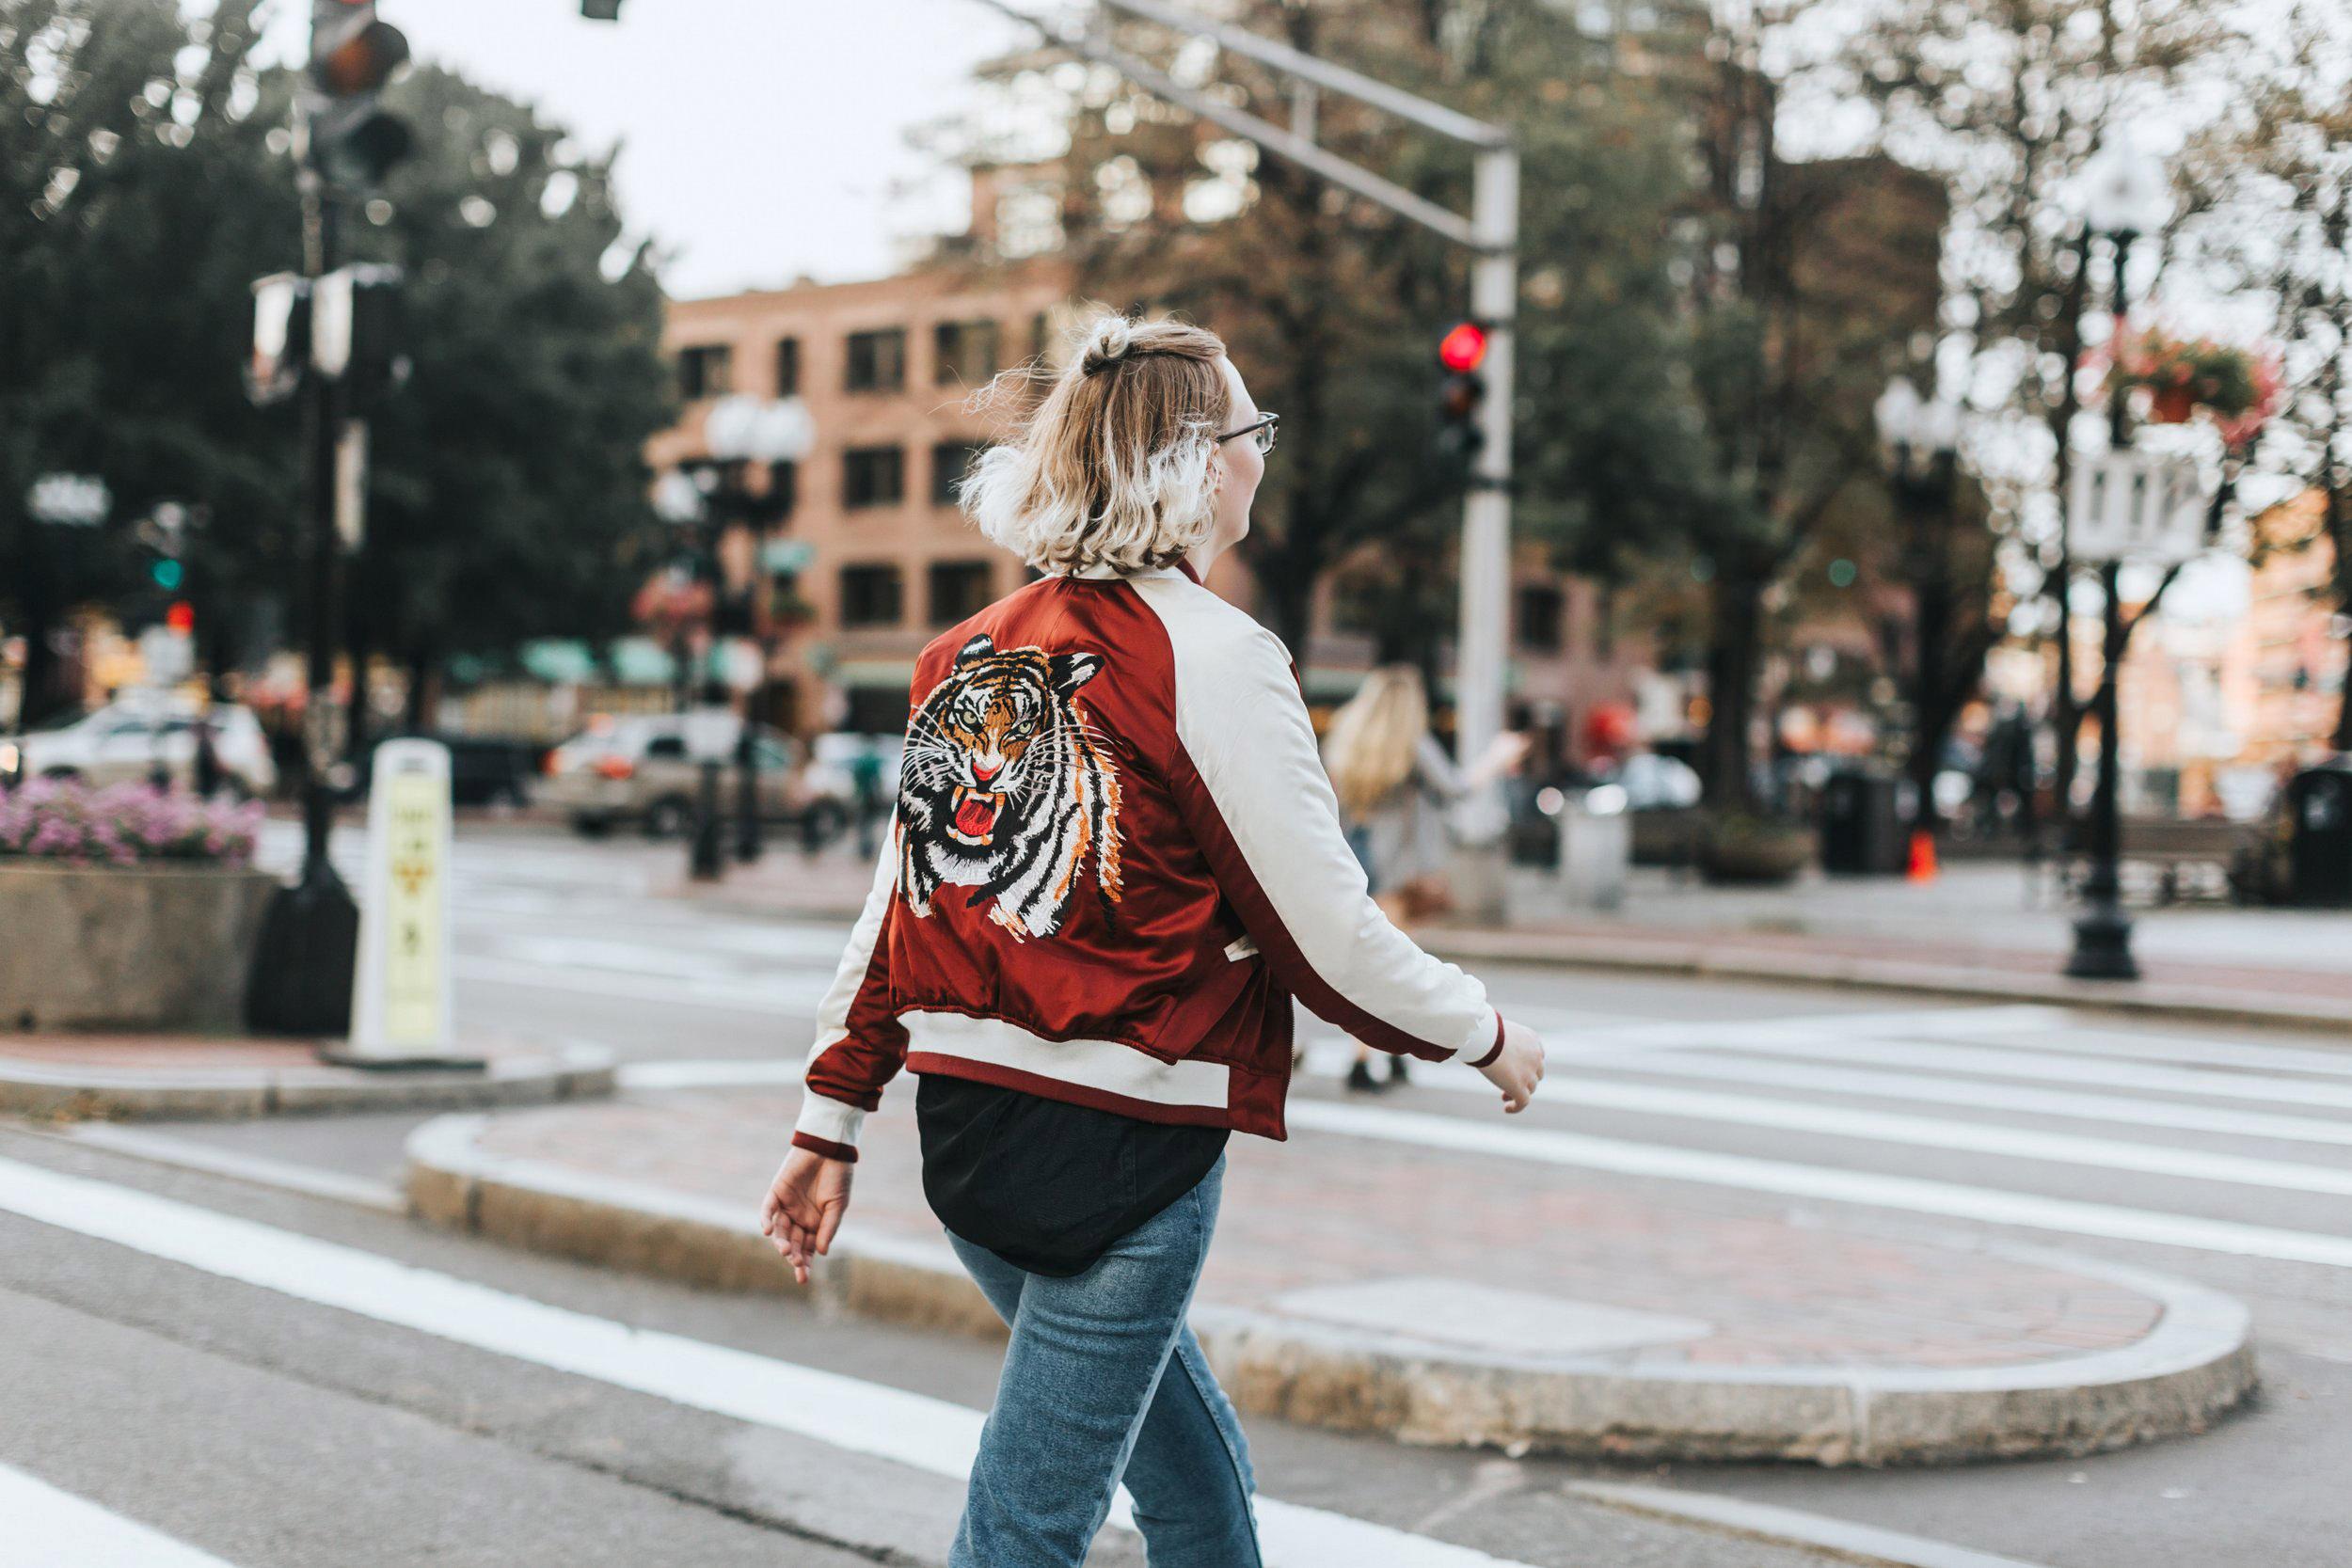 Urban_Outfitters_Boston_Boston_Lena_Mirisola_70.jpg